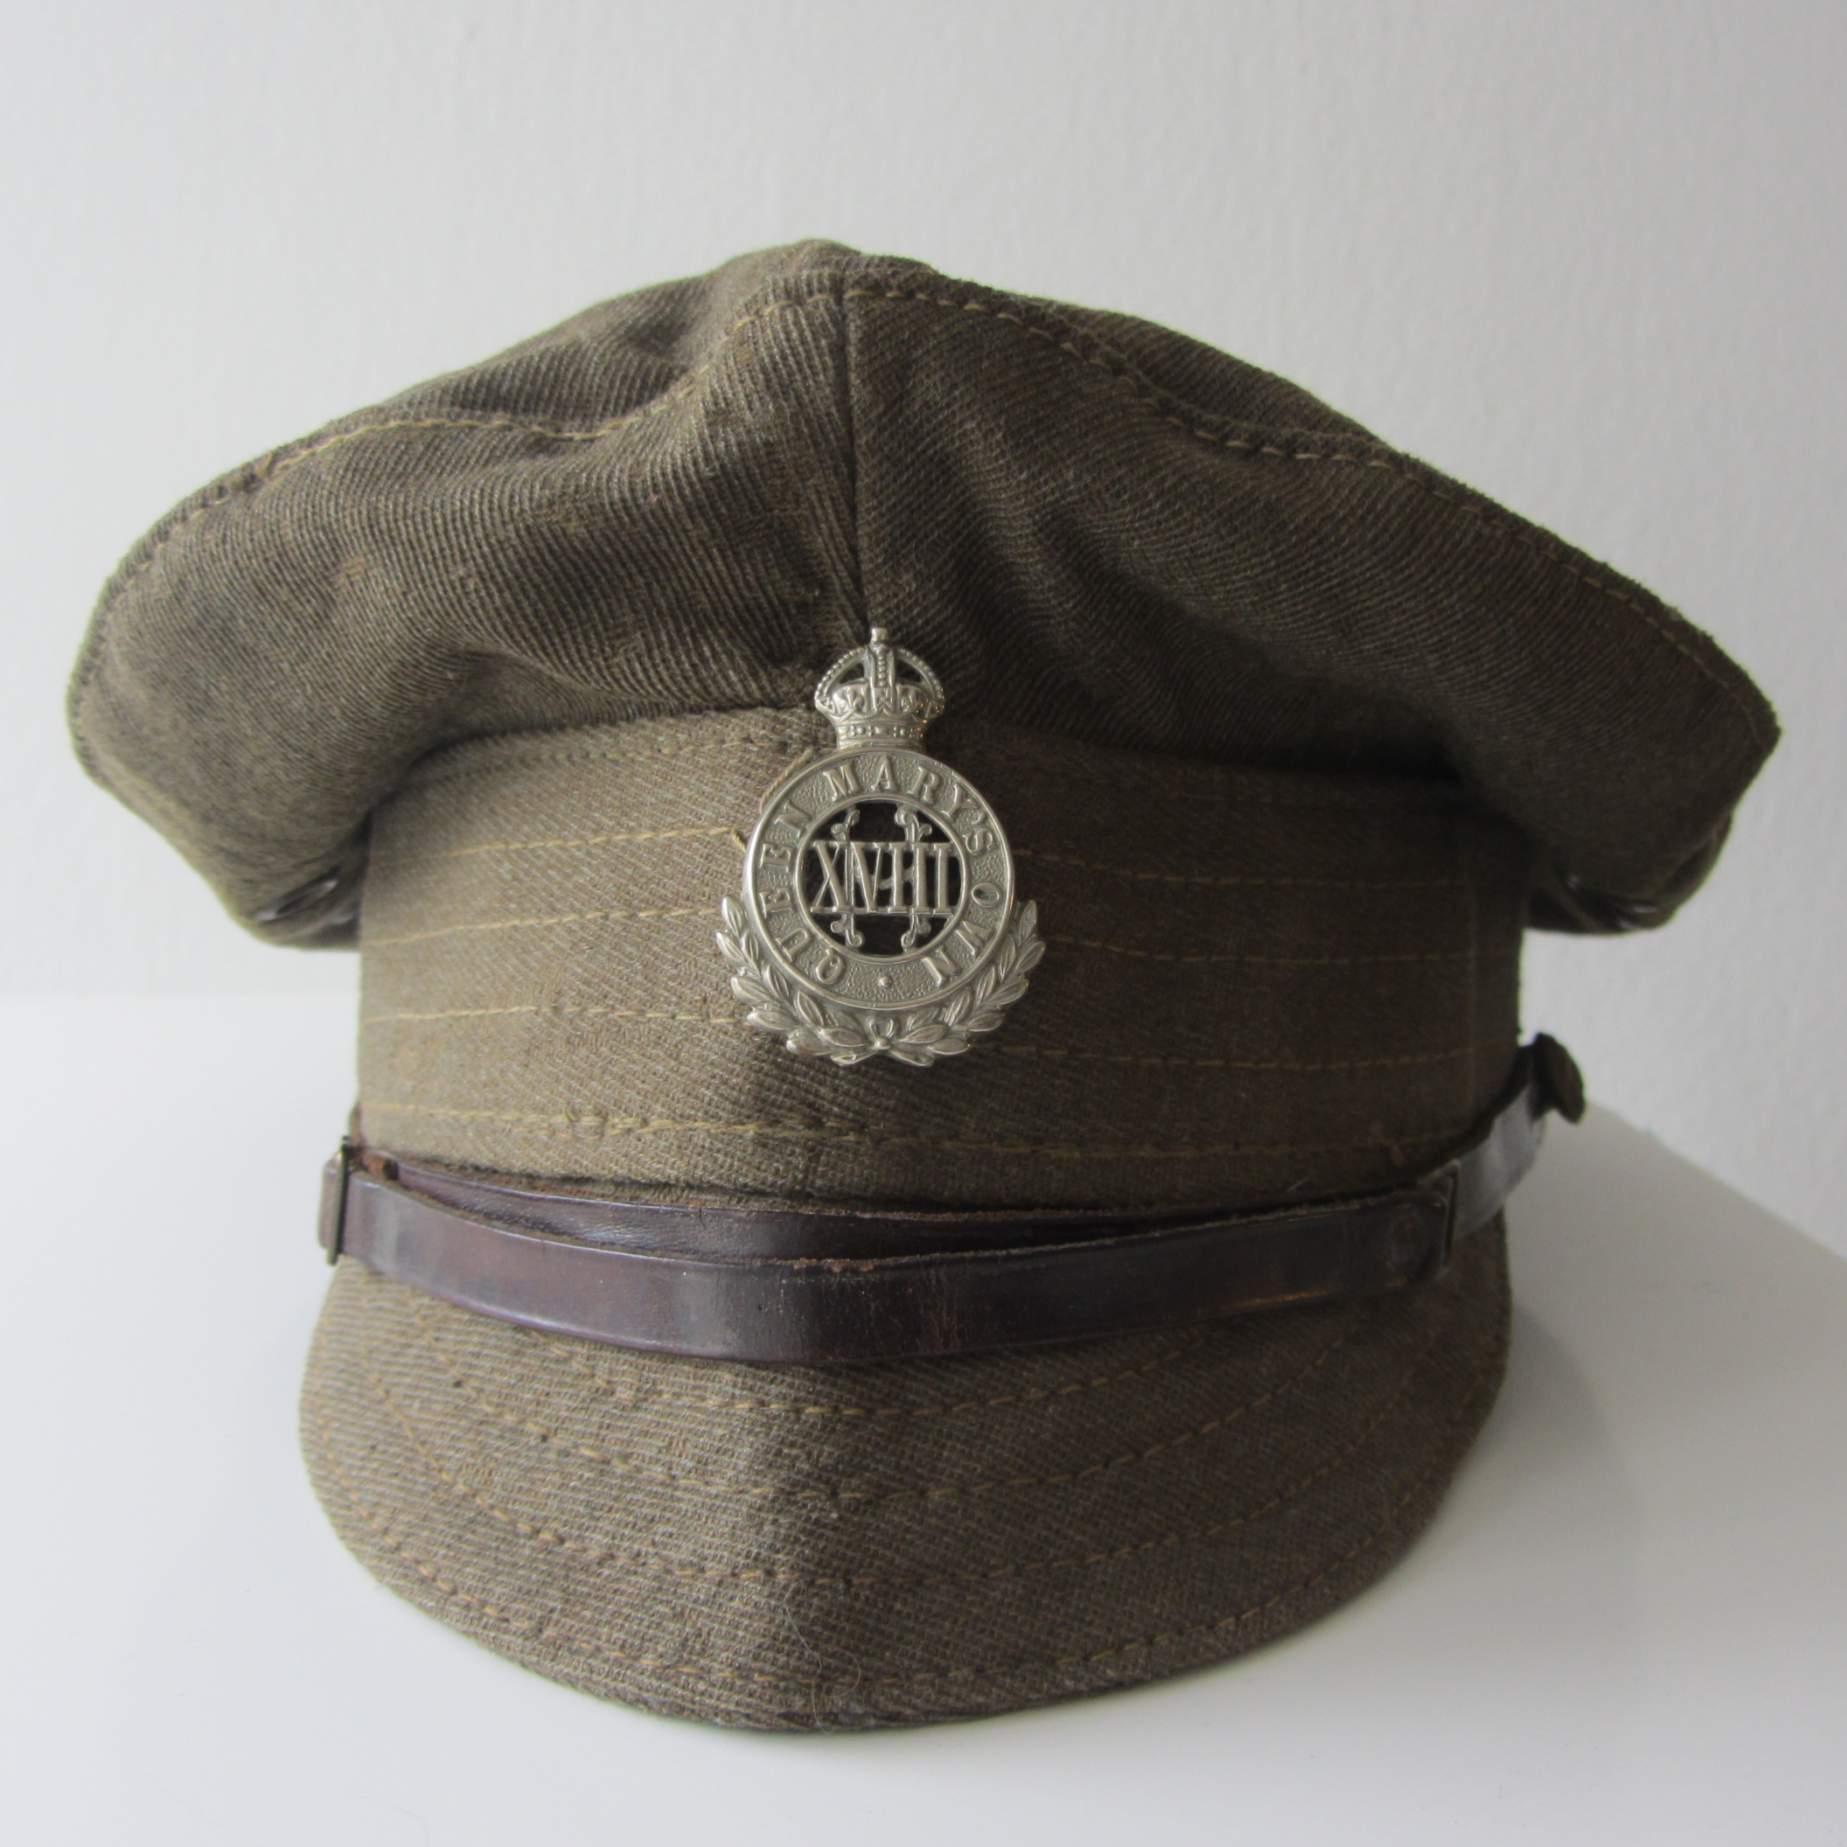 1918 British Army Gabardine Trench Cap 18th Hussars